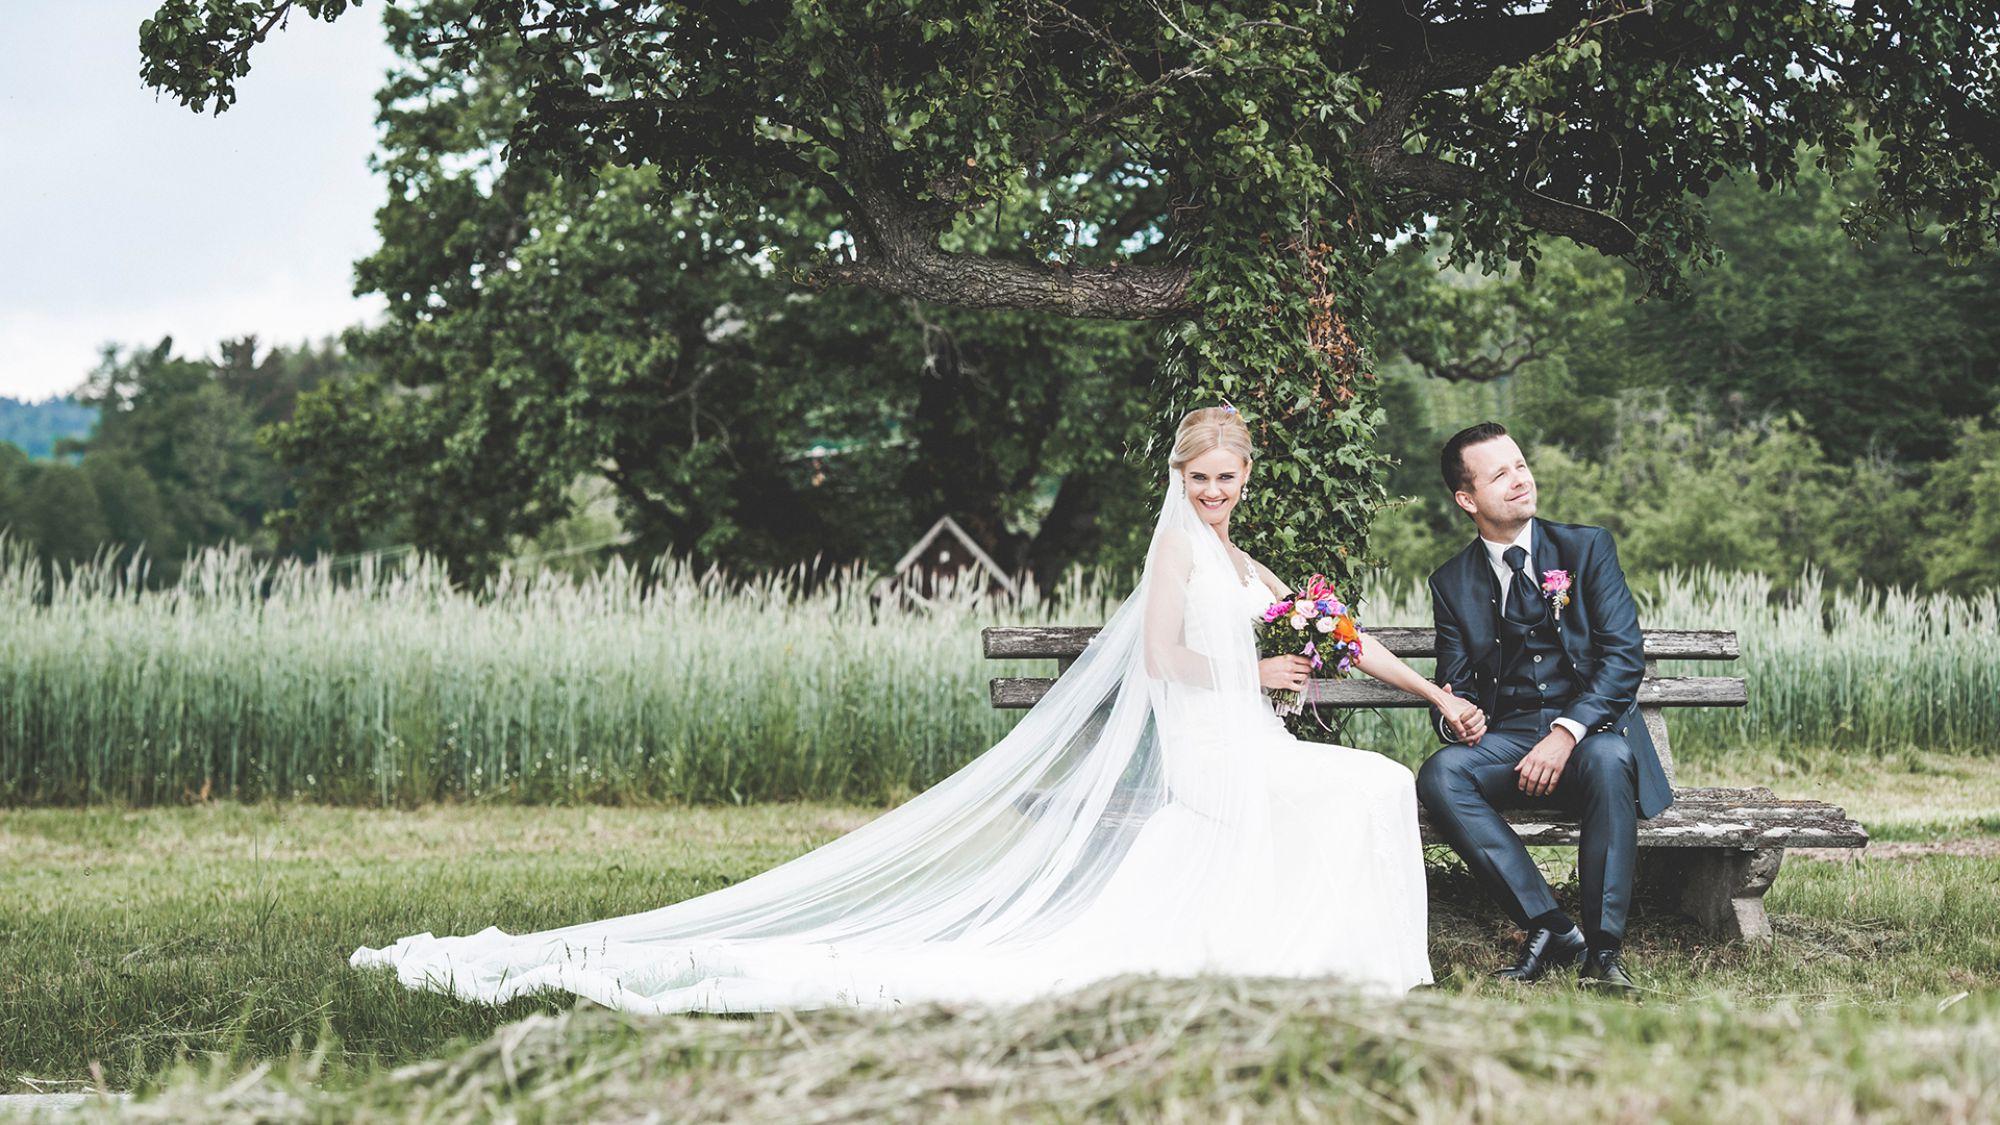 Brautpaar fotografiert in Stubenberg von Rene Strasser Fotografie , Hochzeitsfotograf aus der Steiermark